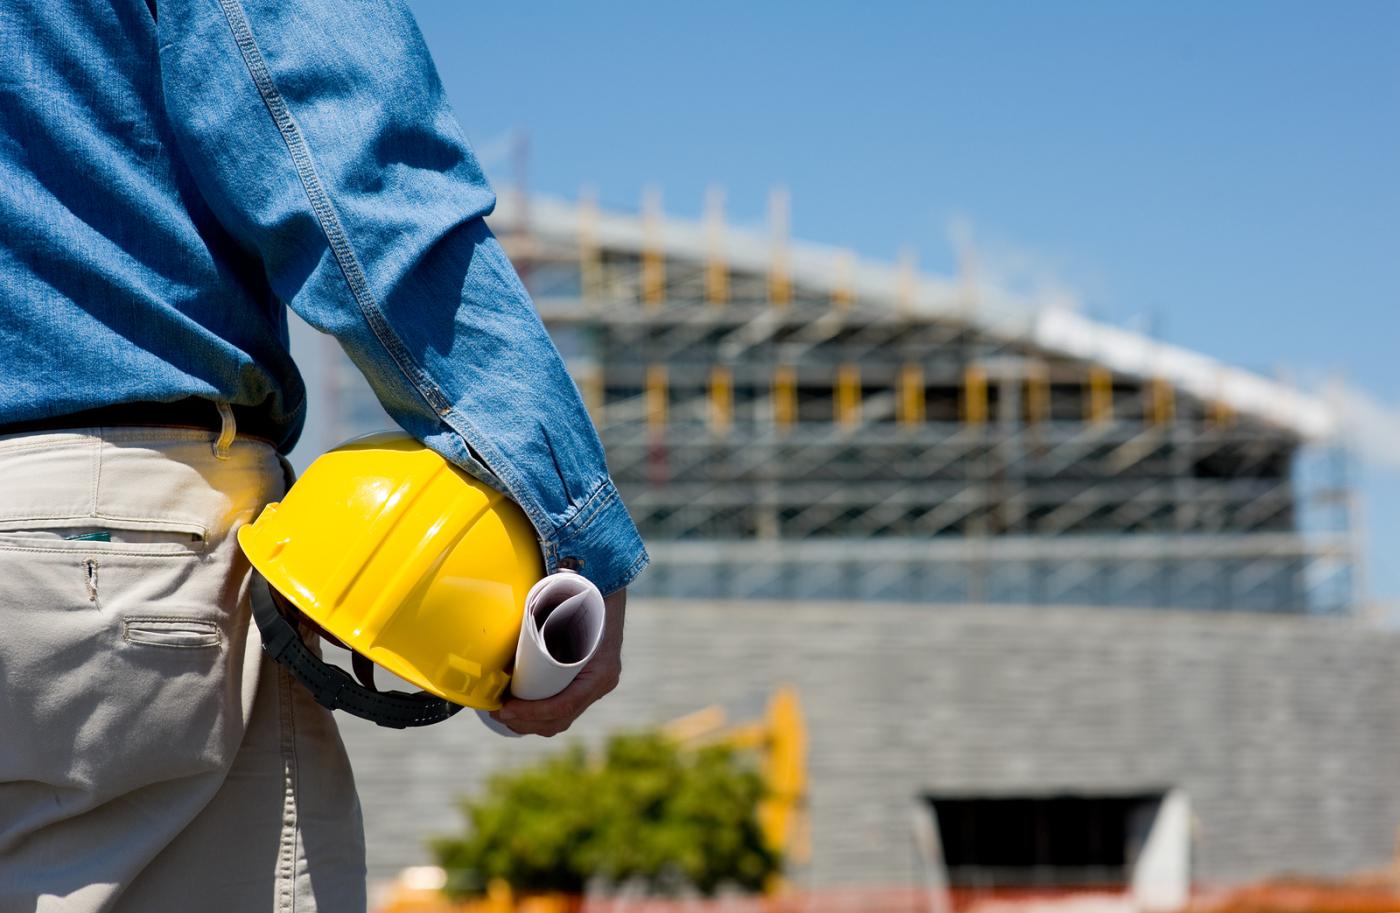 Từ vựng tiếng Anh chuyên ngành xây dựng bạn cần biết